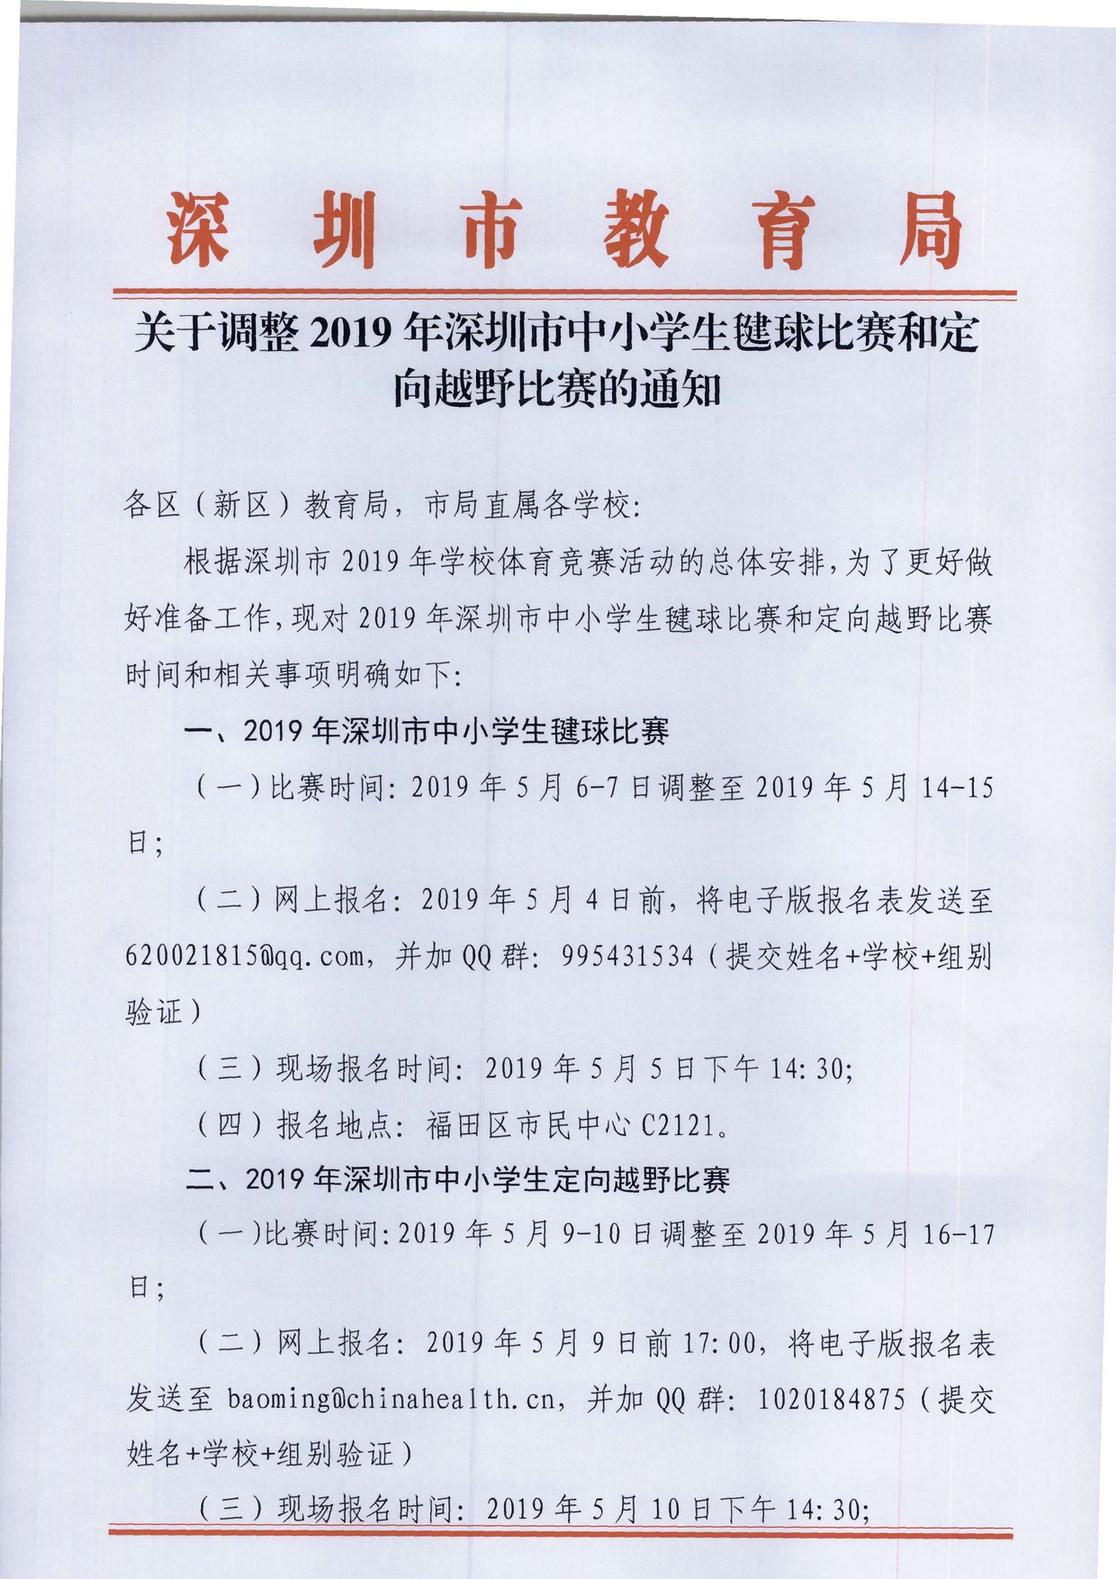 关于调整2019年深圳中小学生毽球比赛和定向越野比赛的通知 (Page 1).png